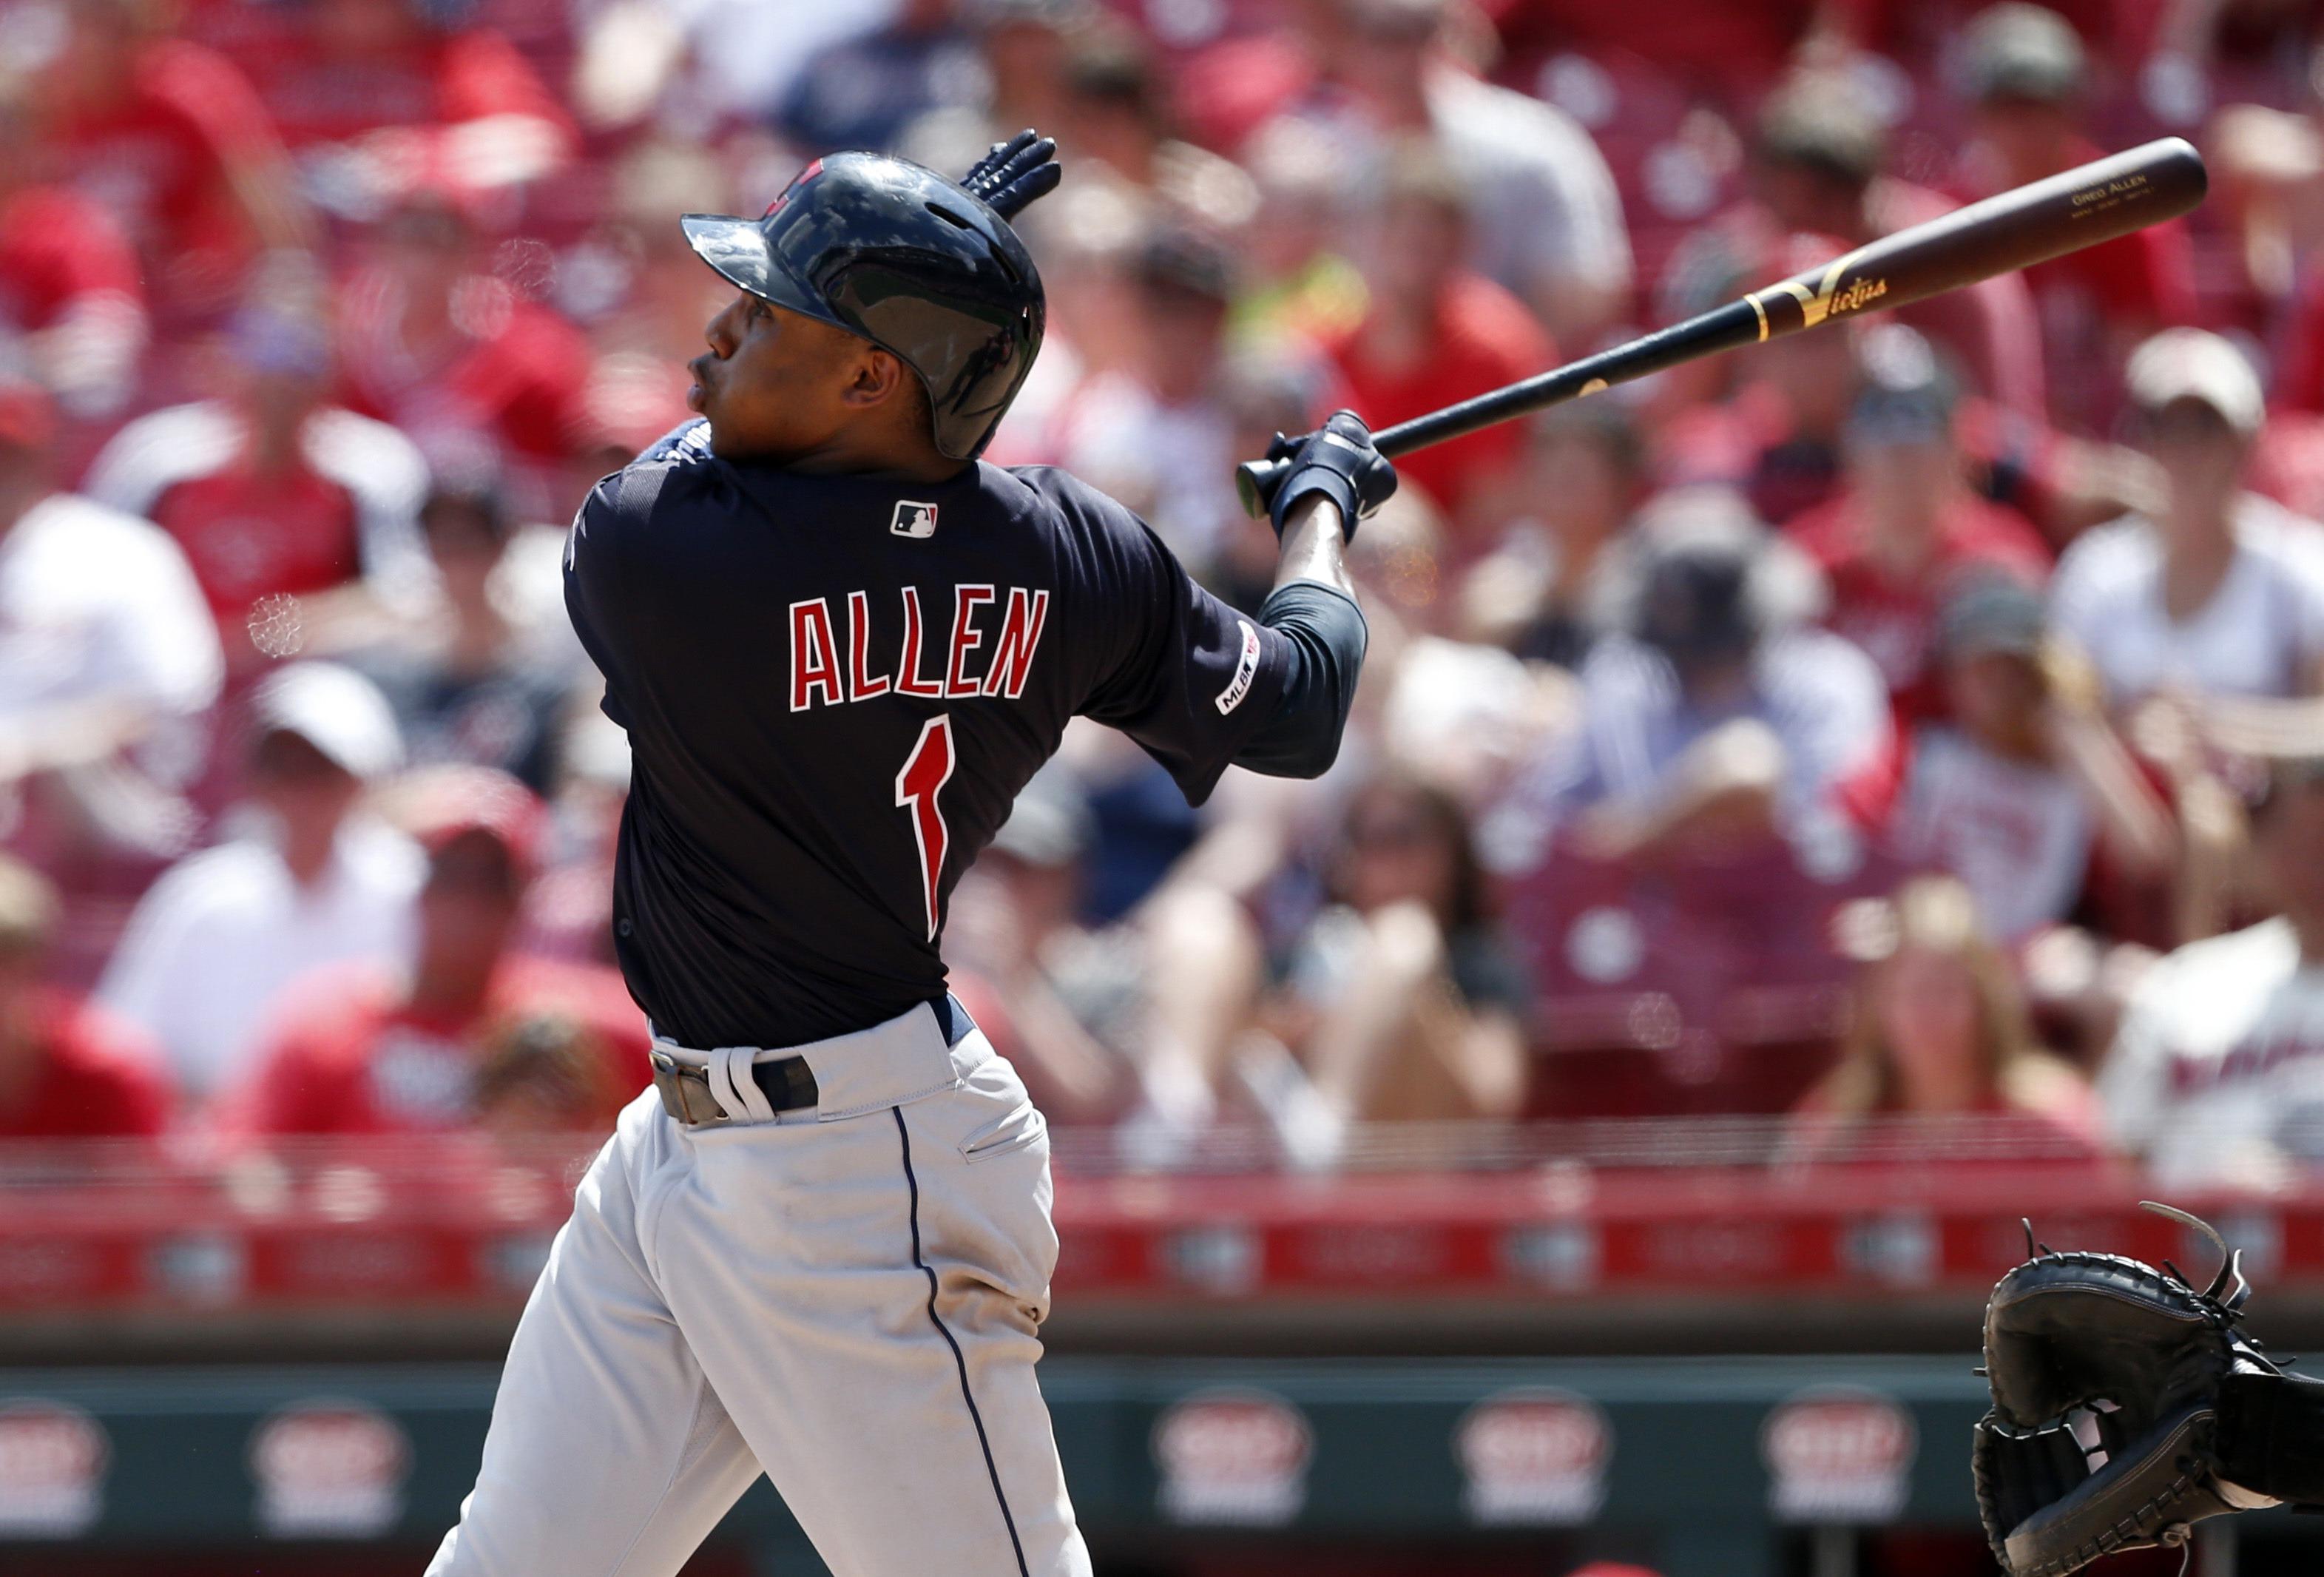 Allen guía con su bate a Indios en paliza 11-1 sobre Rojoss